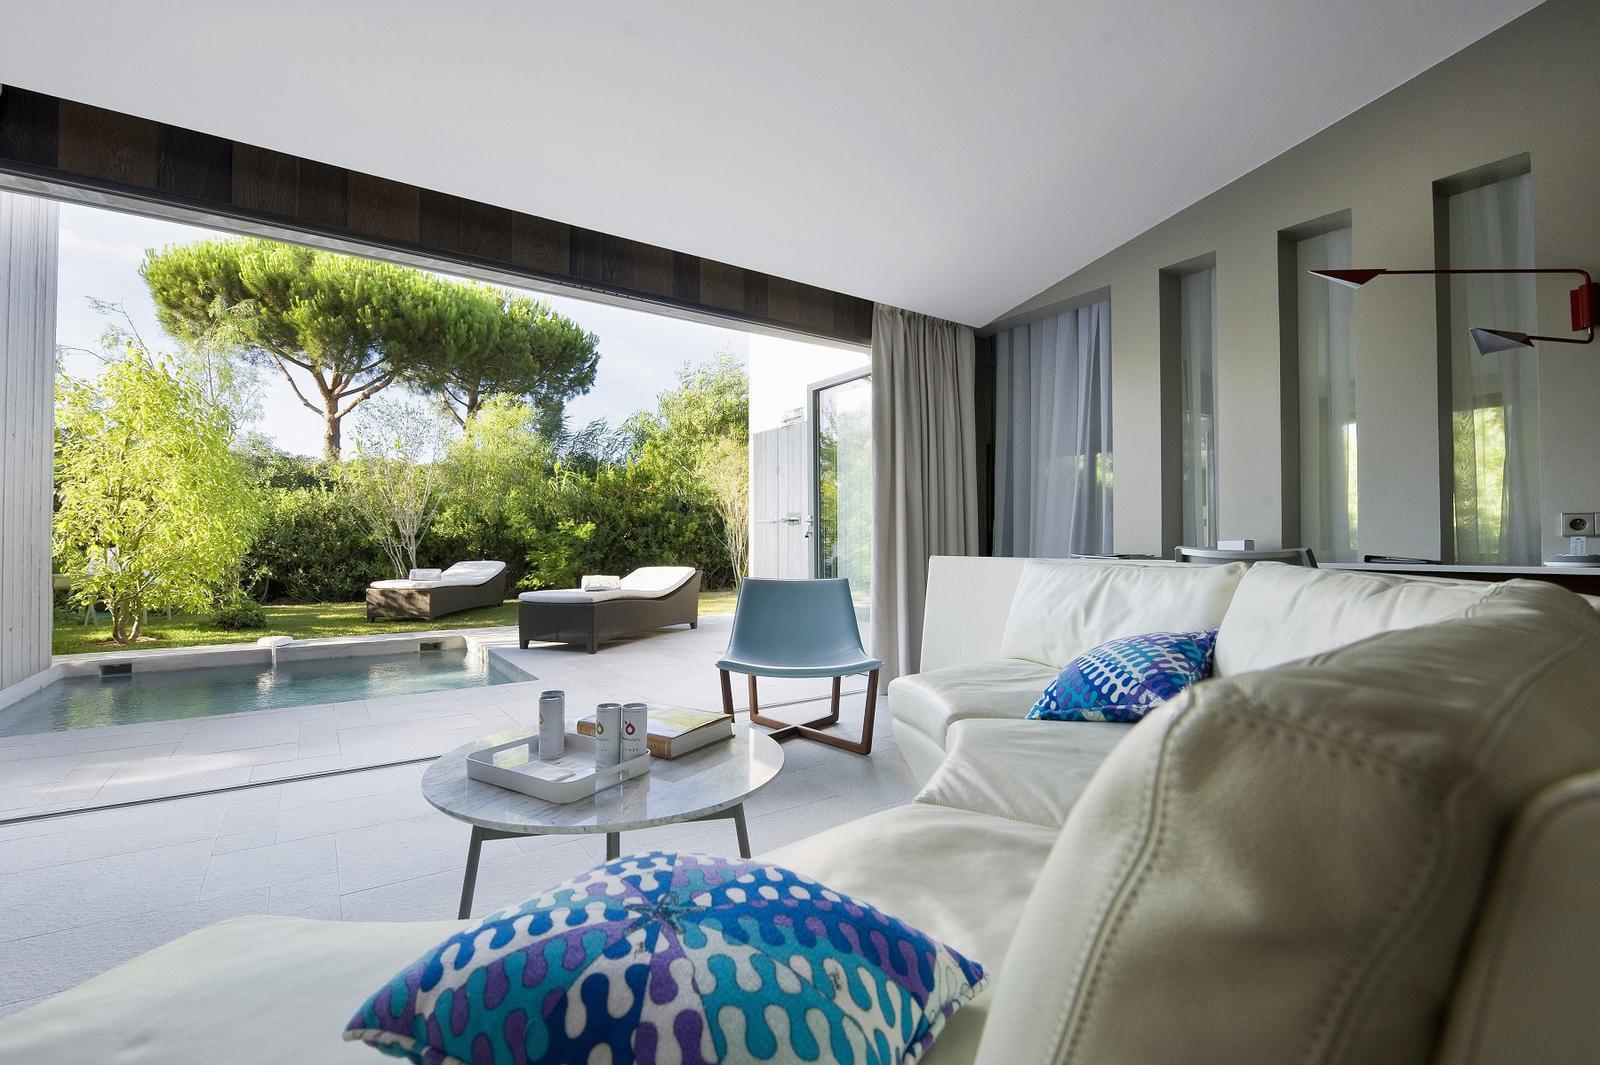 6 Superbes Hôtels Avec Piscine Privée Dans Votre Chambre En ... concernant Hotel Avec Piscine Privée France